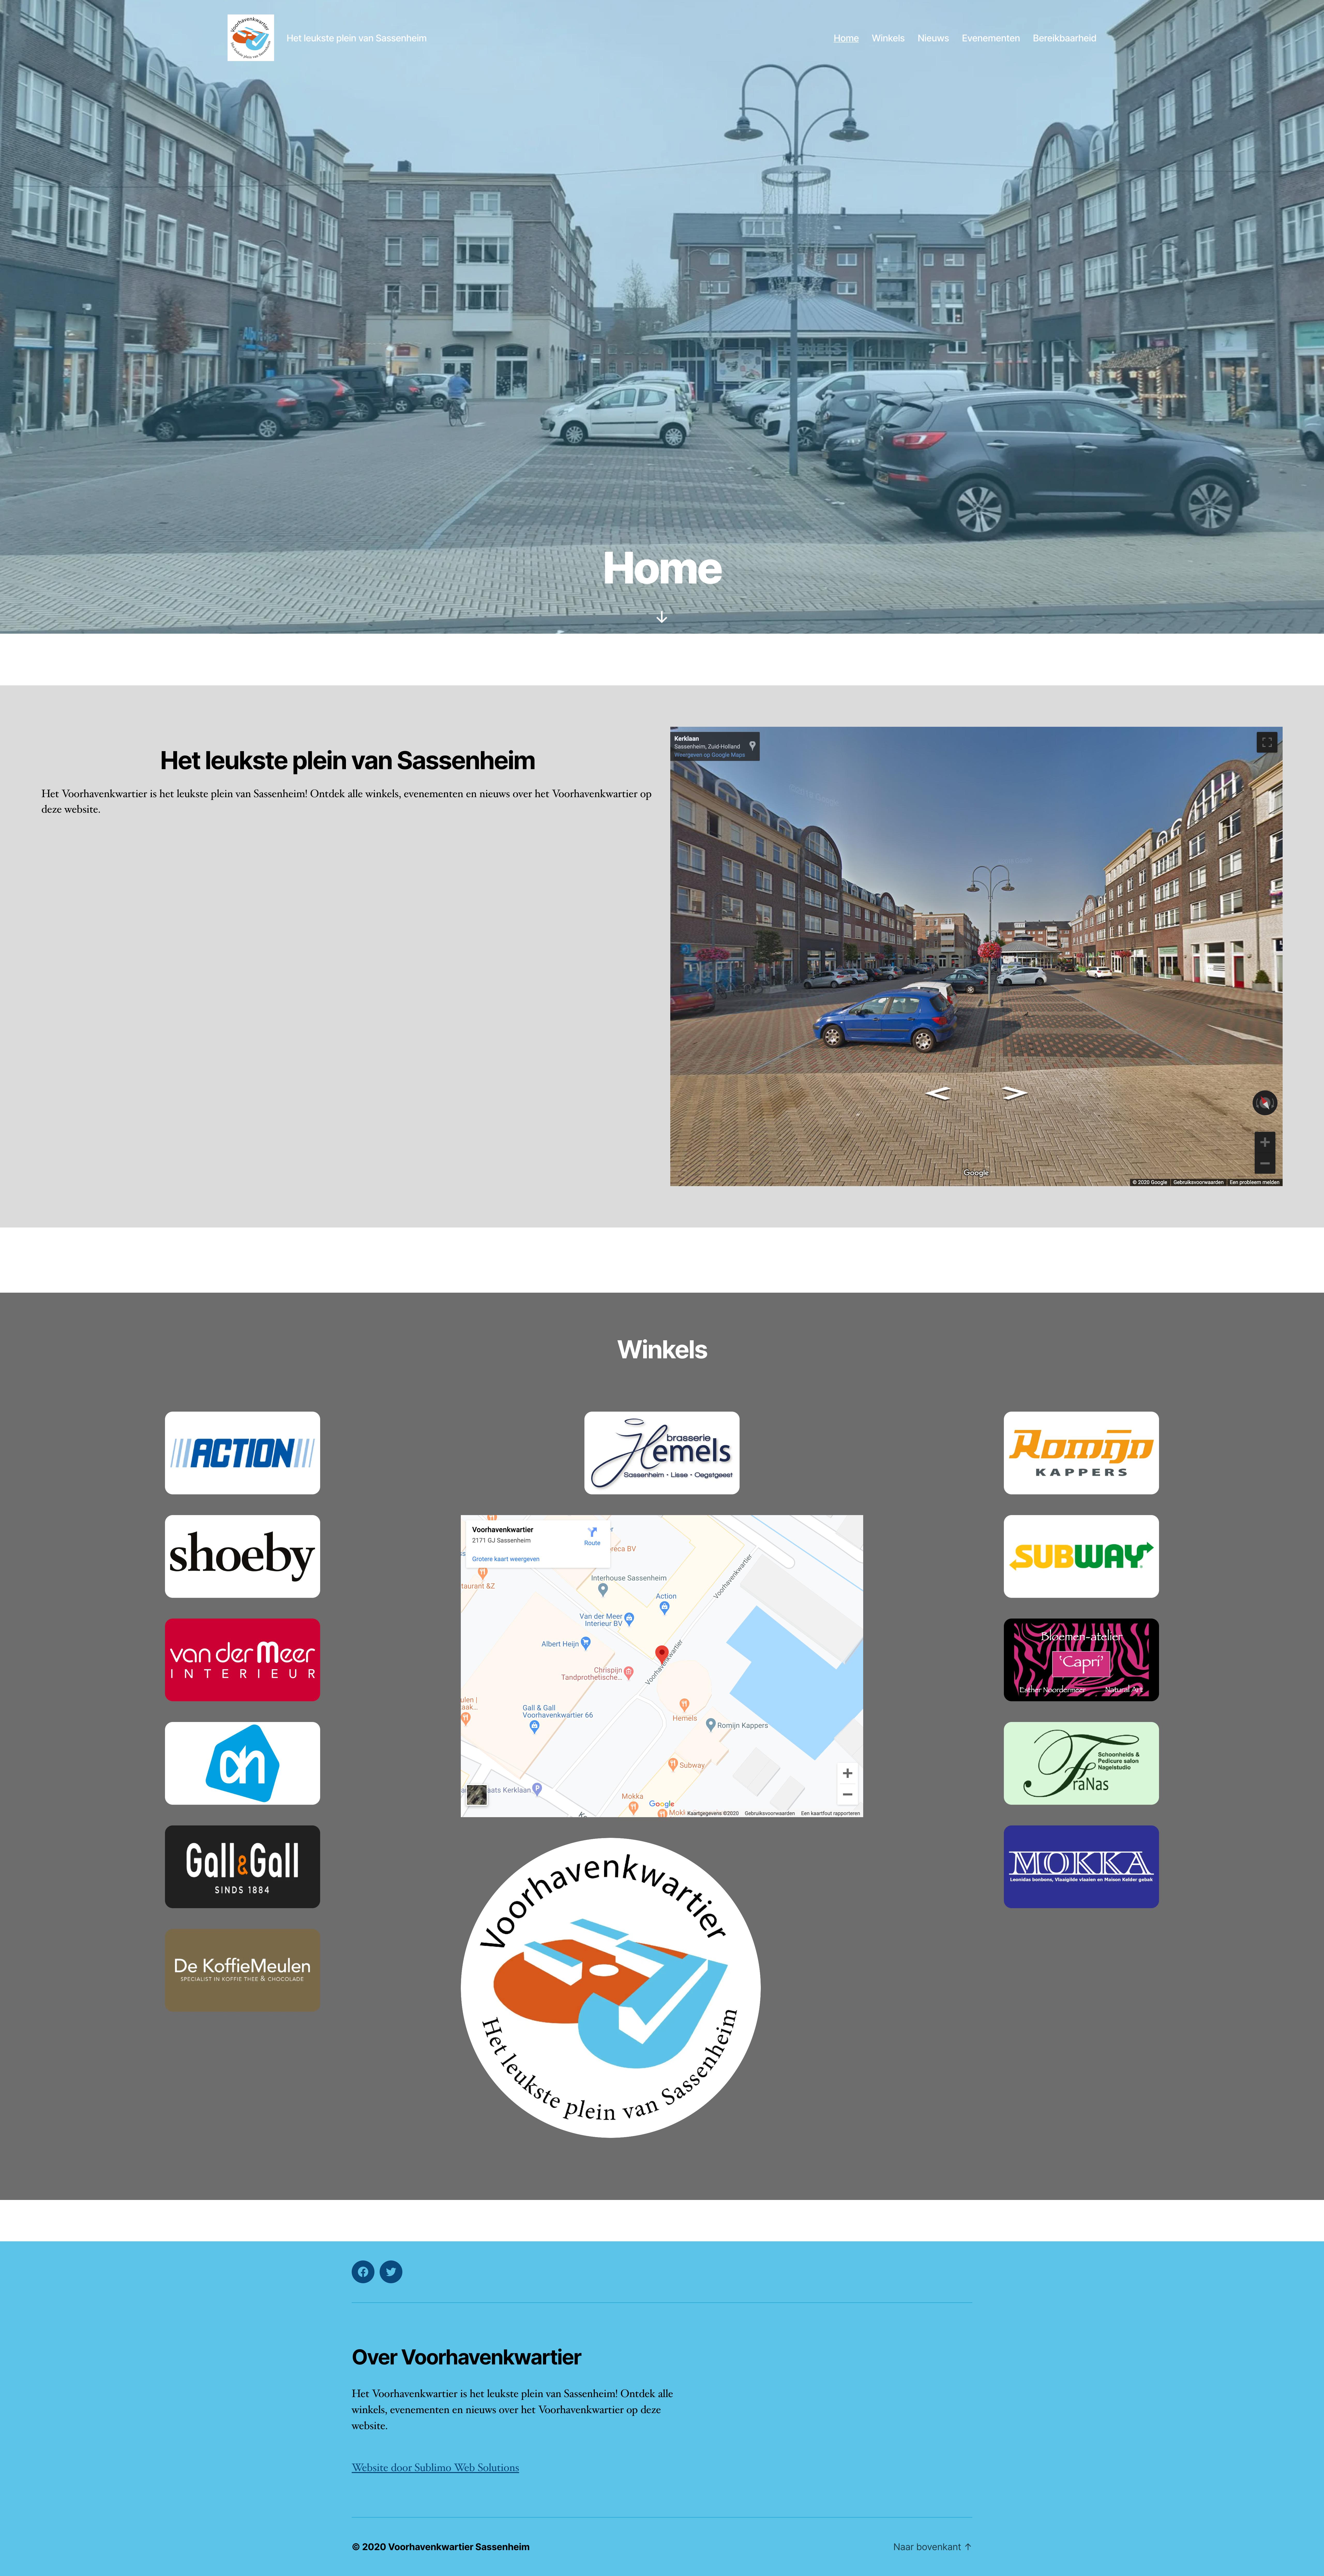 Schermafbeelding van de website van Voorhavenkwartier